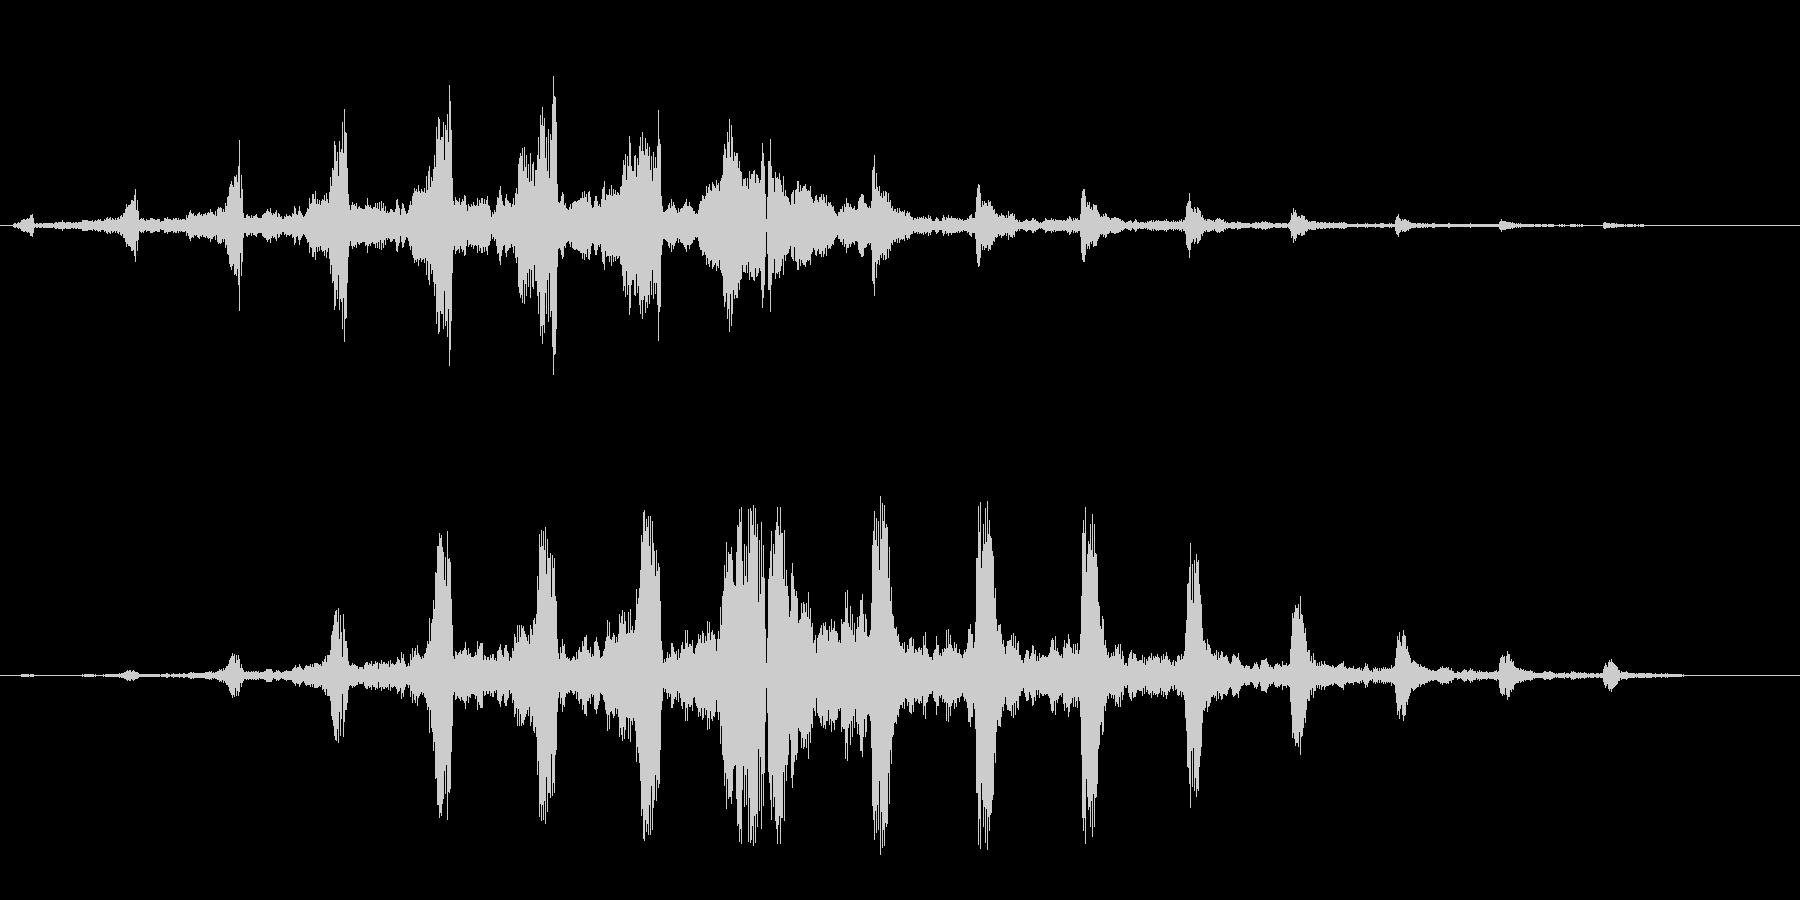 シュリリ(鳴き声・回転系の音)の未再生の波形